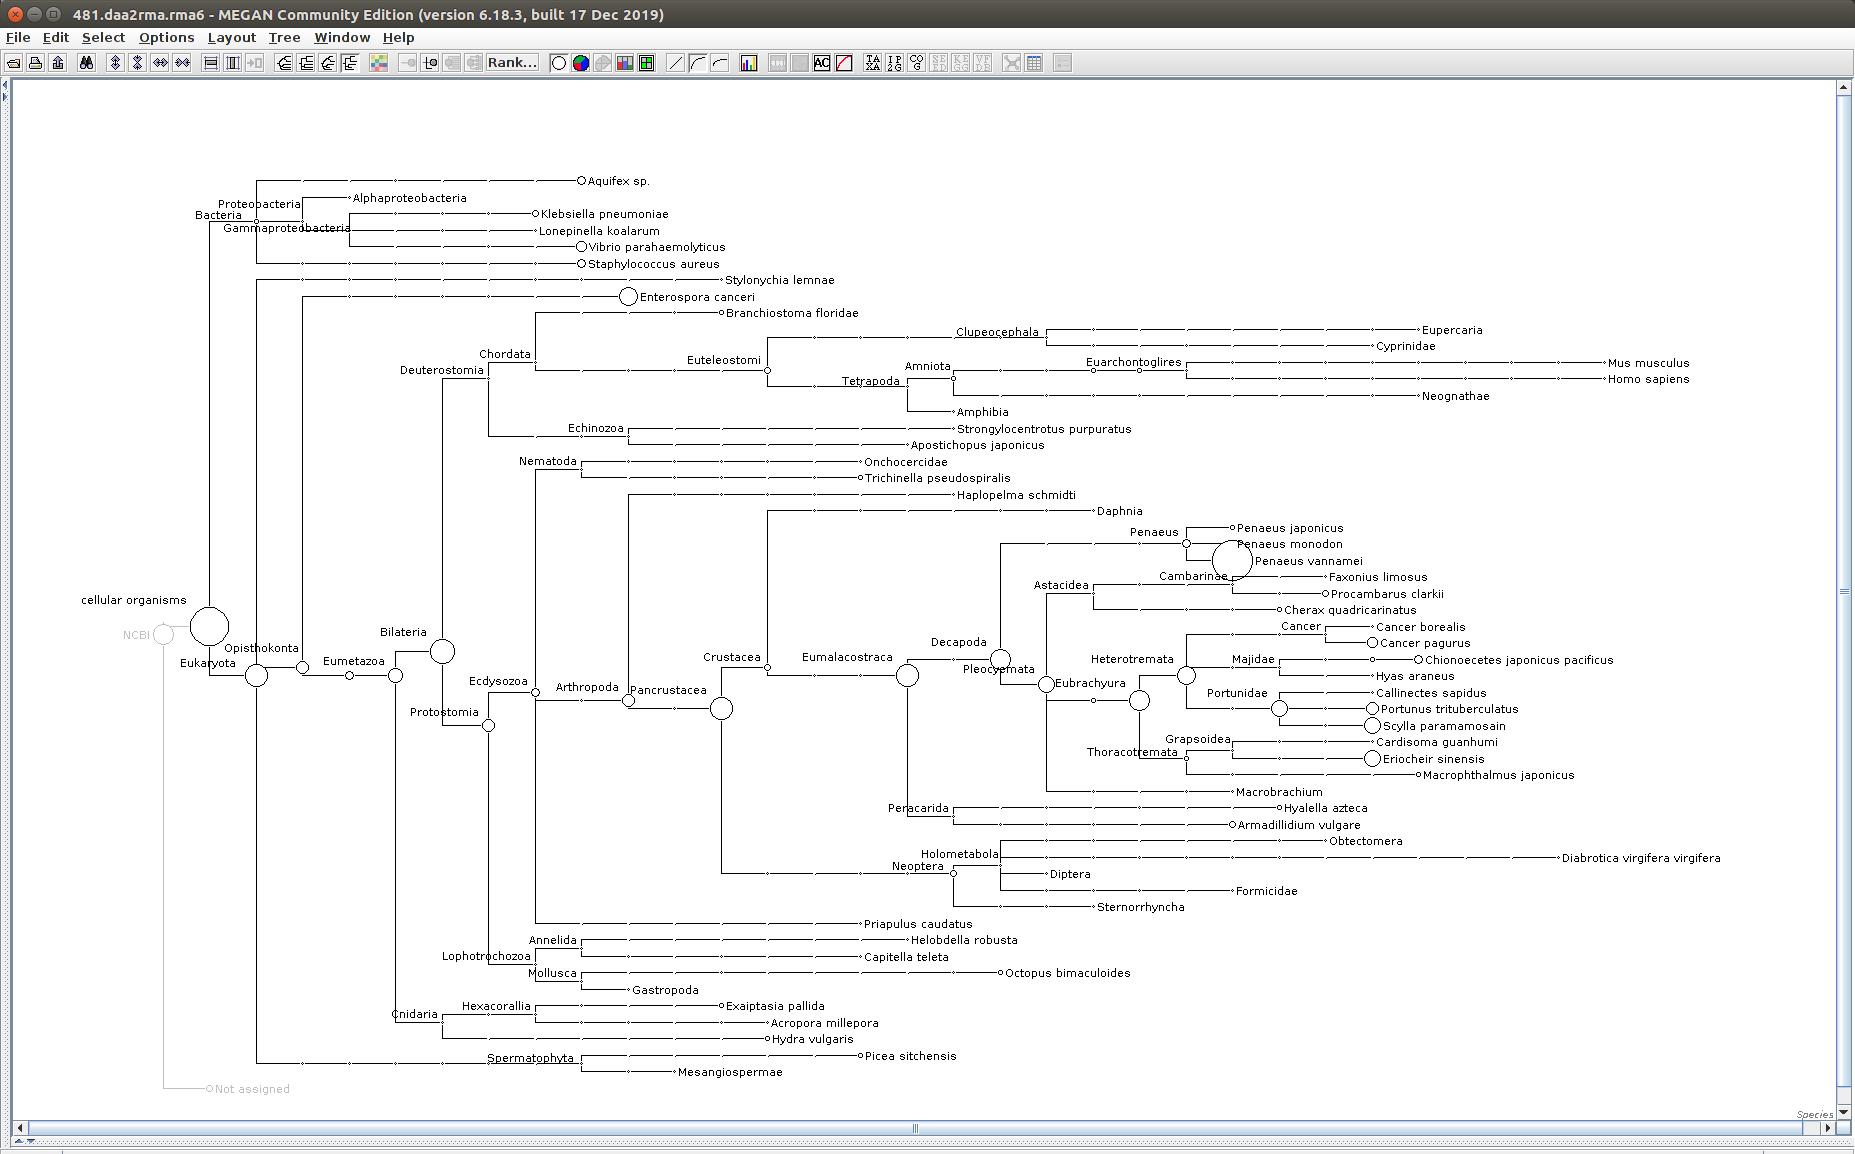 481 MEGAN6 taxonomic tree